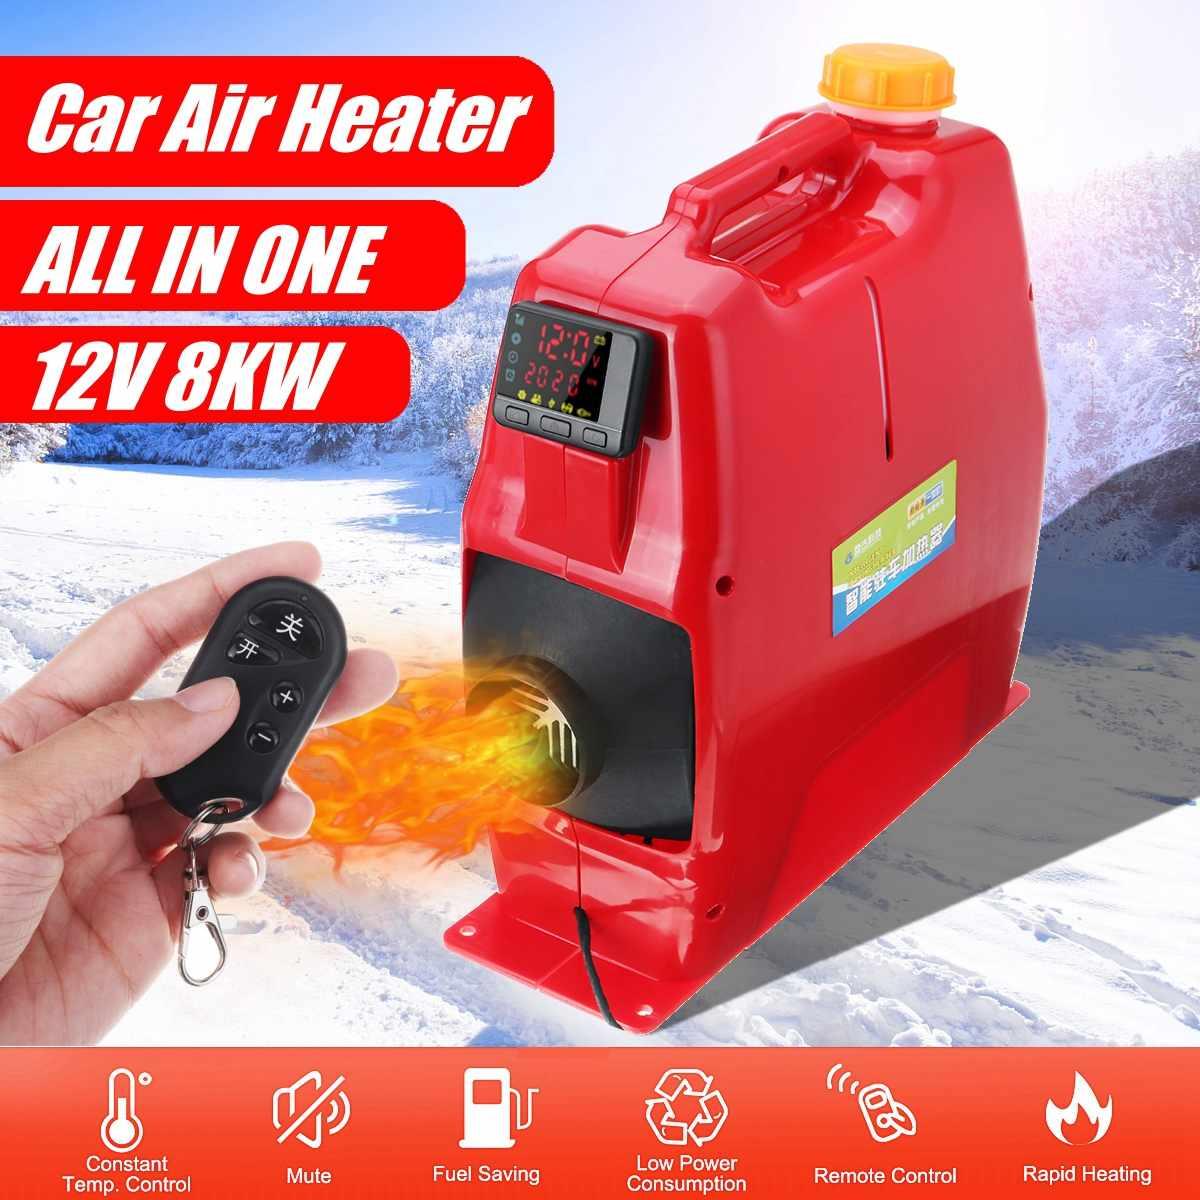 Tout en un unité réglable 5 à 8KW 12V voiture chauffage outil Diesel réchauffeur d'air monotrou LCD moniteur Parking plus chaud pour voiture